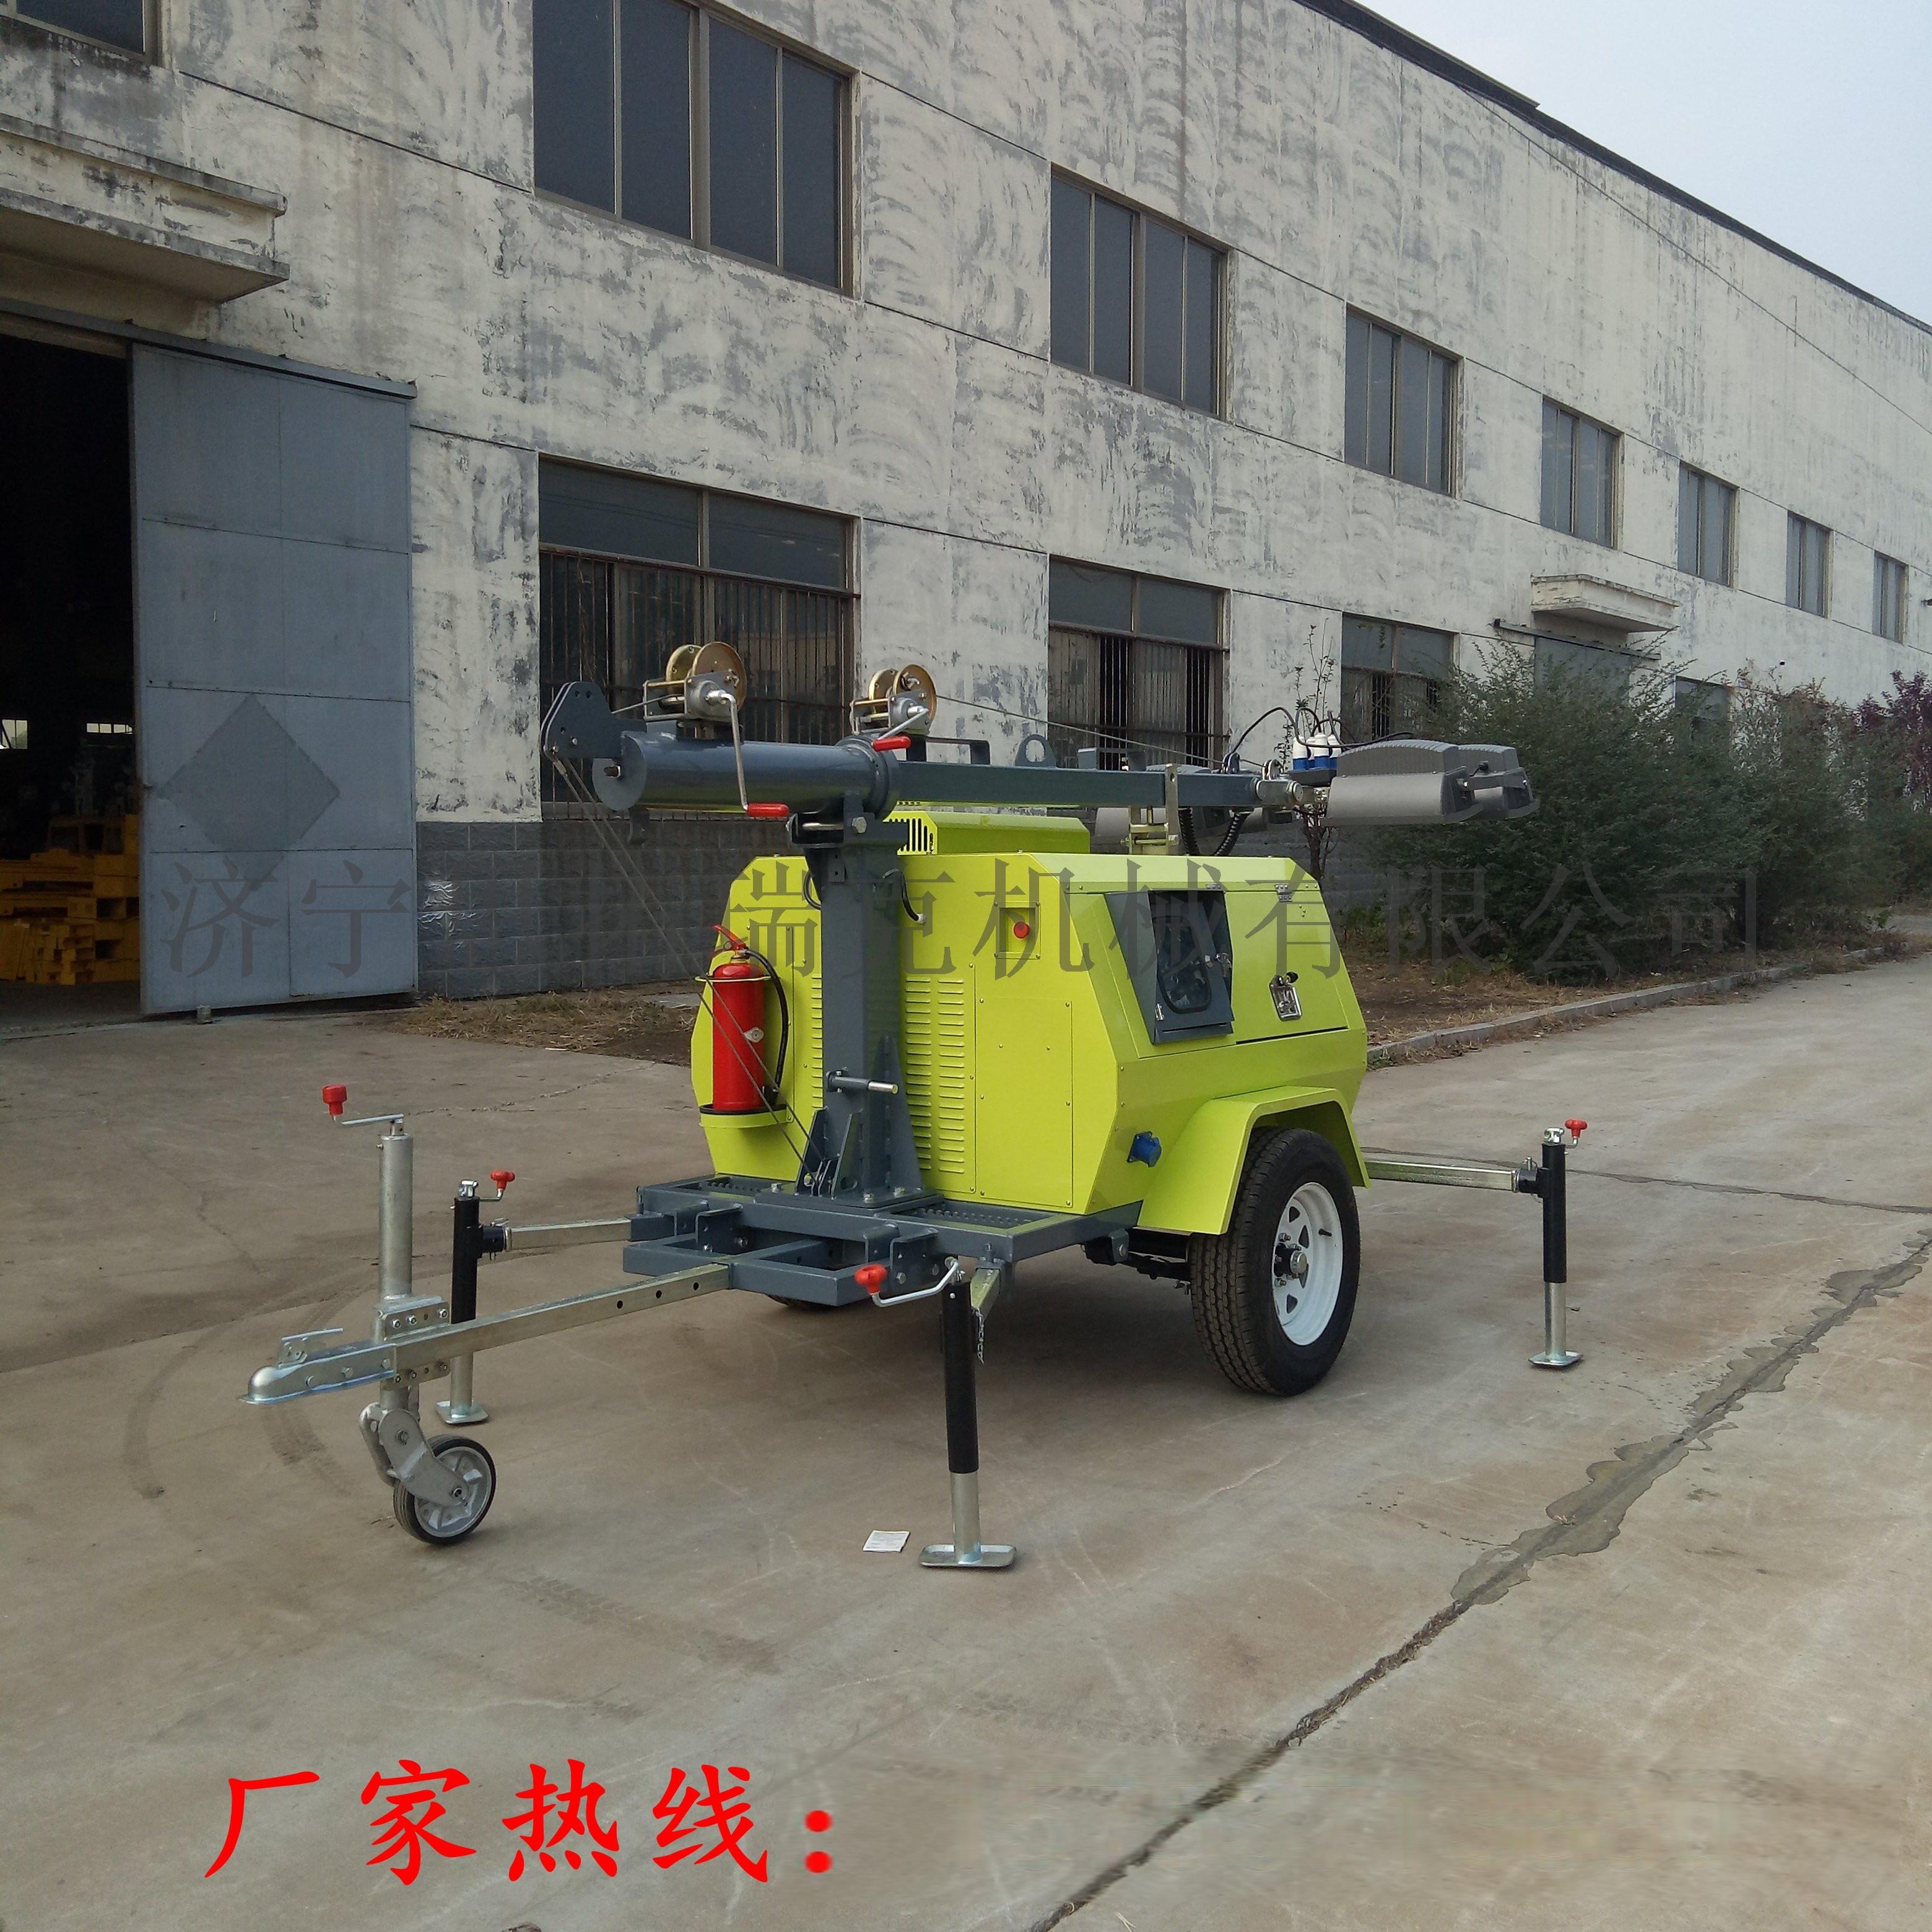 9米拖車照明車 (4).jpg